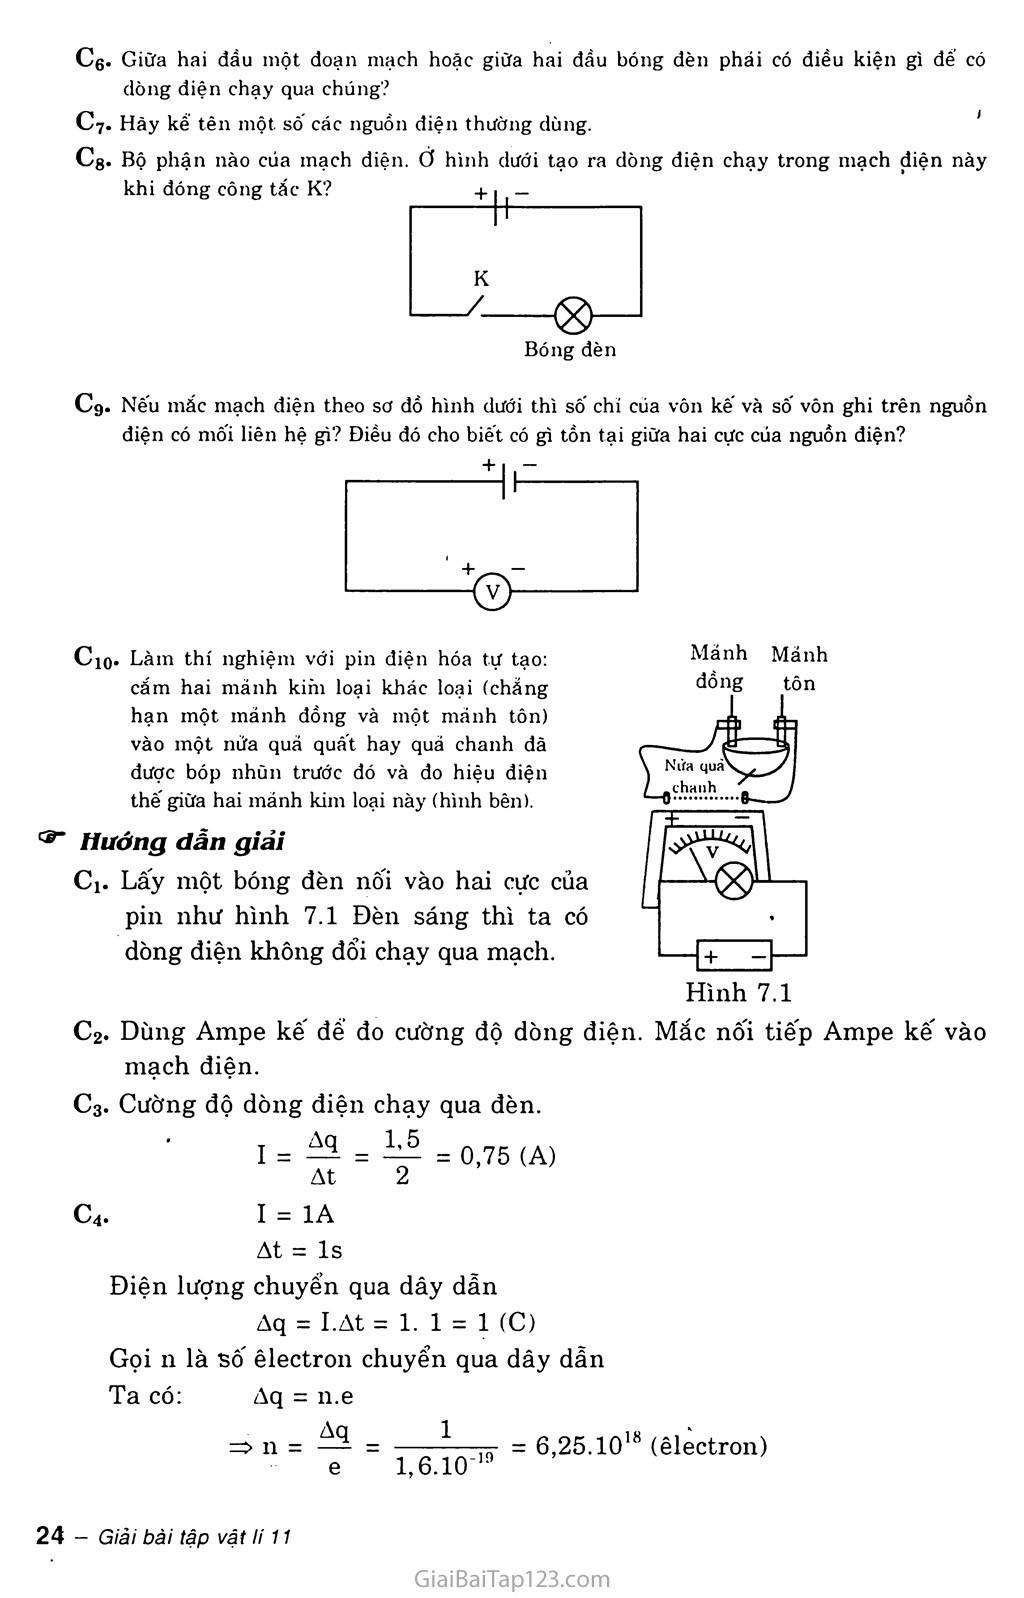 Bài 7: Dòng điện không đổi. Nguồn điện trang 2